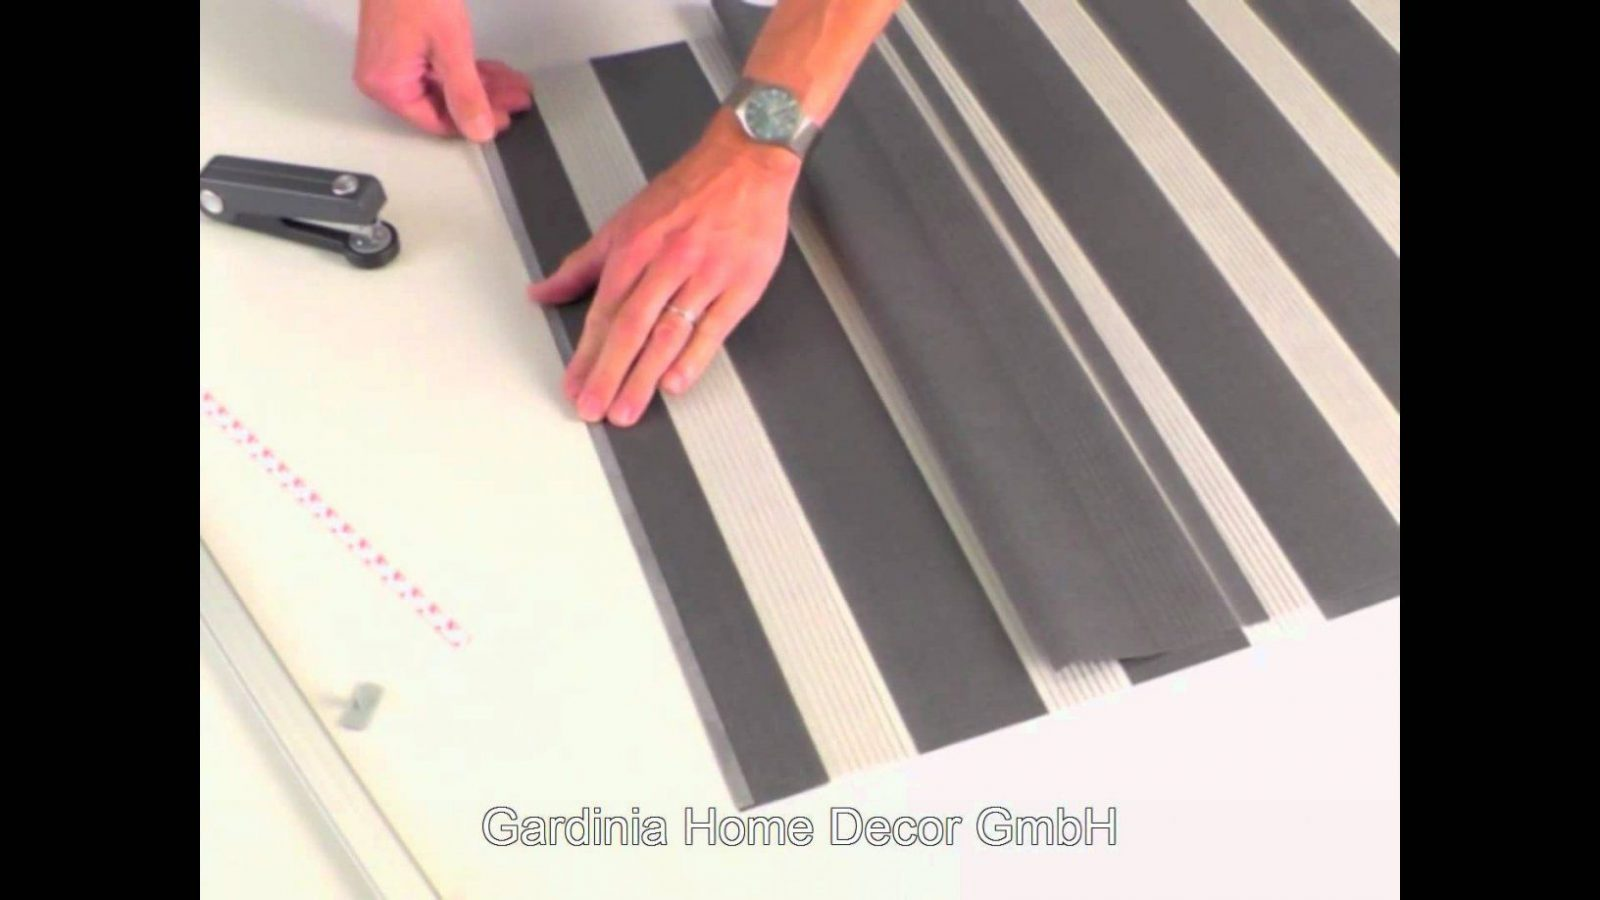 Gardinia Montagevideo Um Die Flächenvorhänge Day & Night Zu Kürzen von Gardinen Kürzen Ohne Nähen Photo